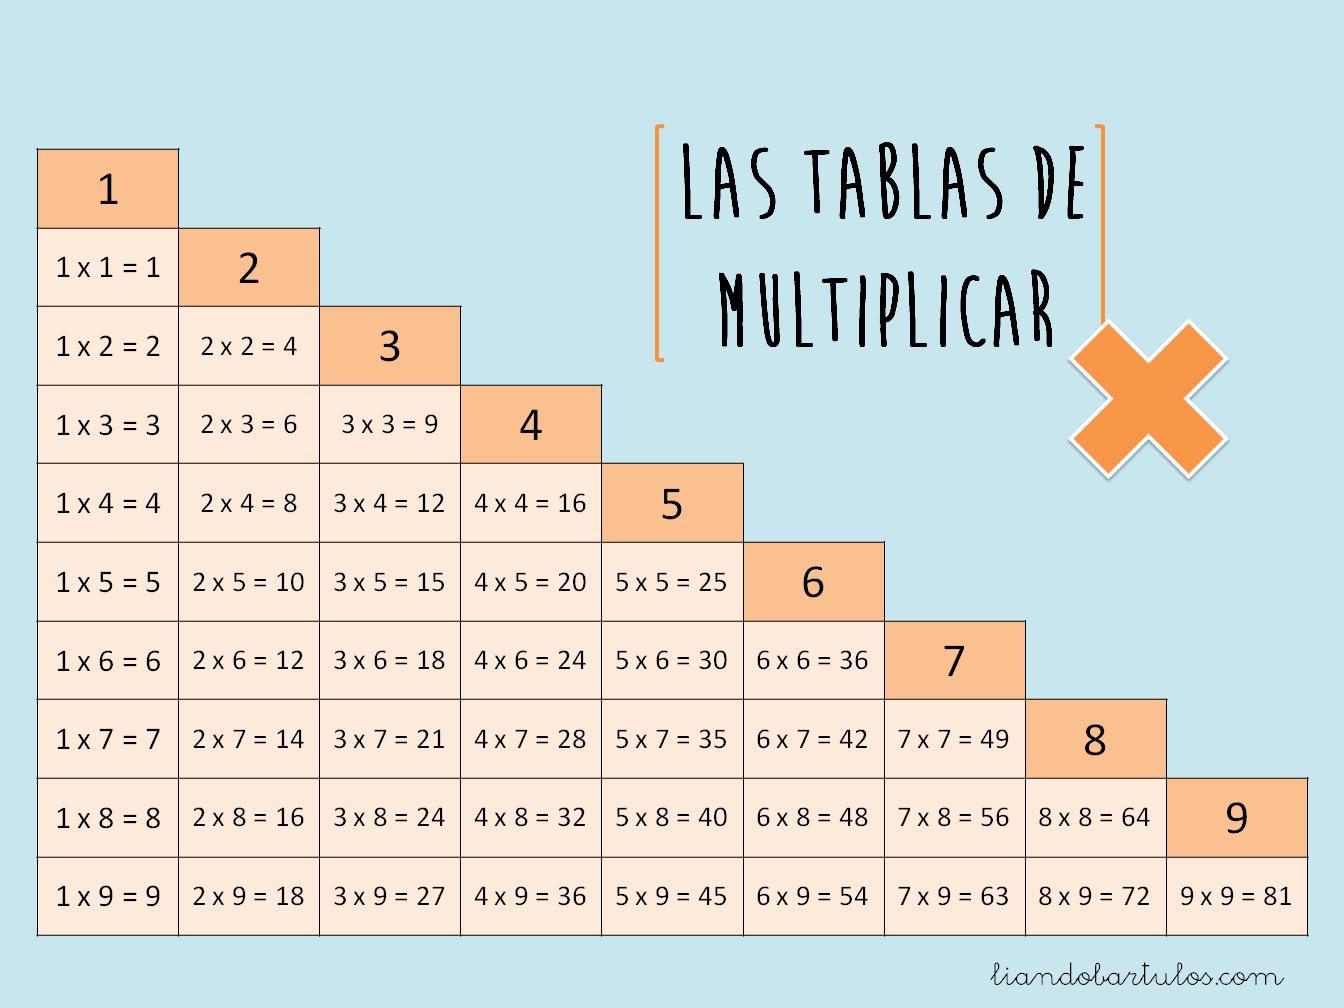 Tablas-de-multiplicar-2.png (1344×1008) | Multiplication | Pinterest ...